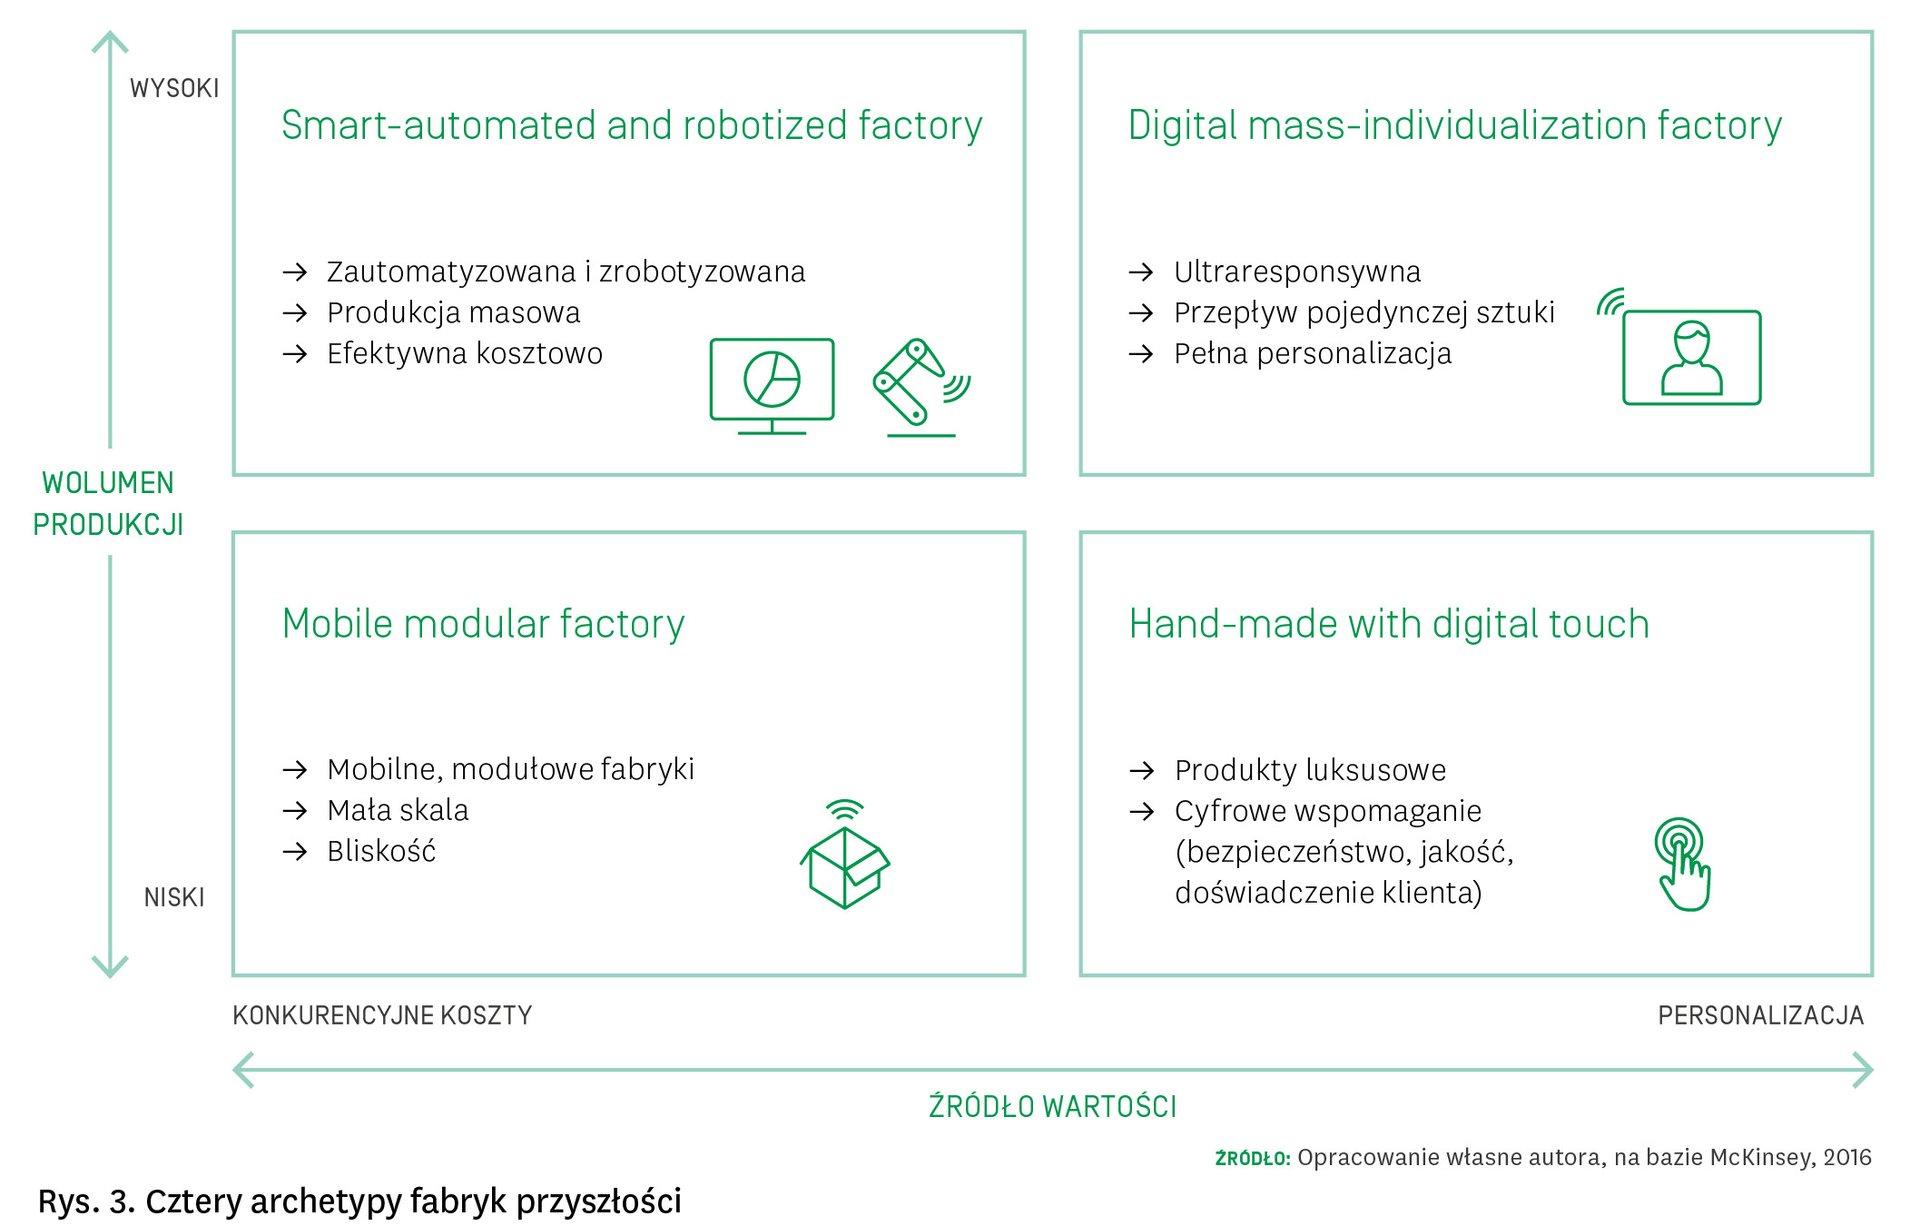 4 archetypy fabryk przyszłości